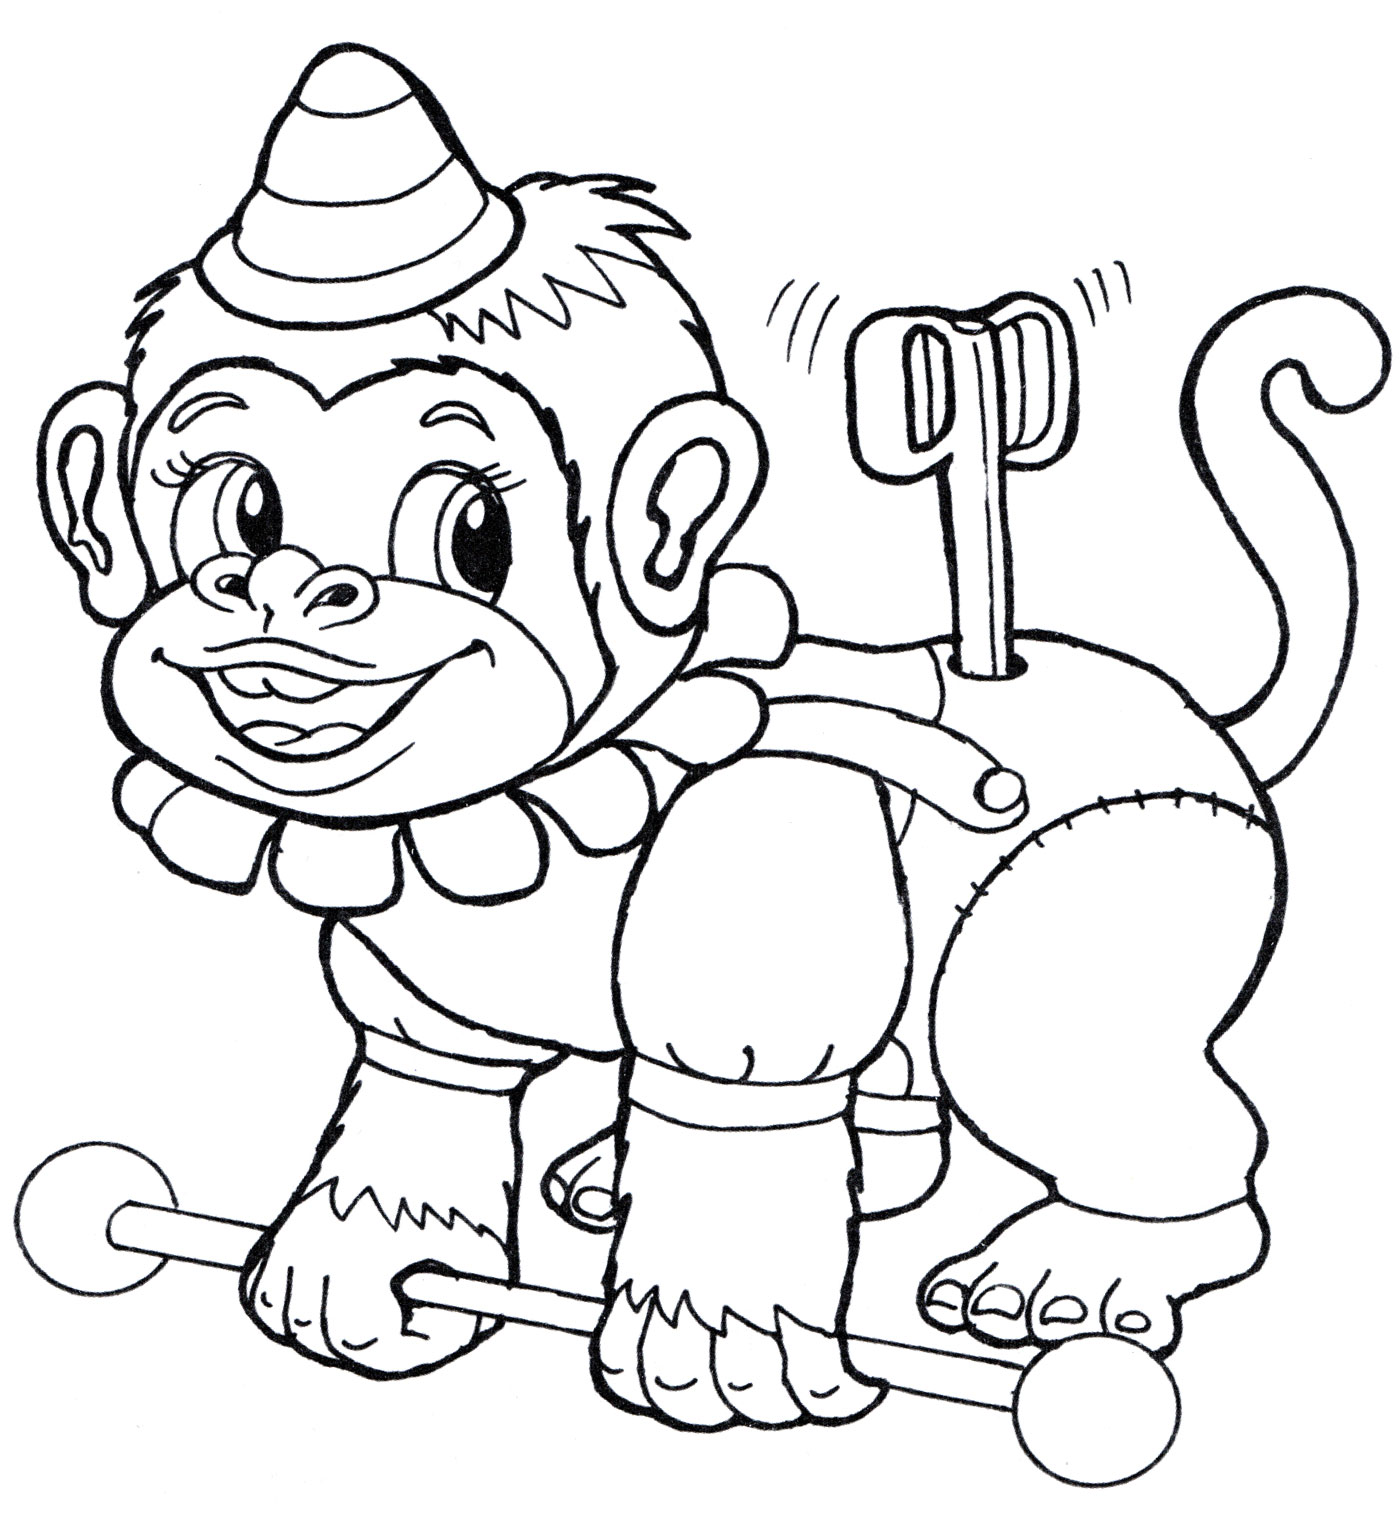 Раскраска Заводная обезьянка - распечатать бесплатно